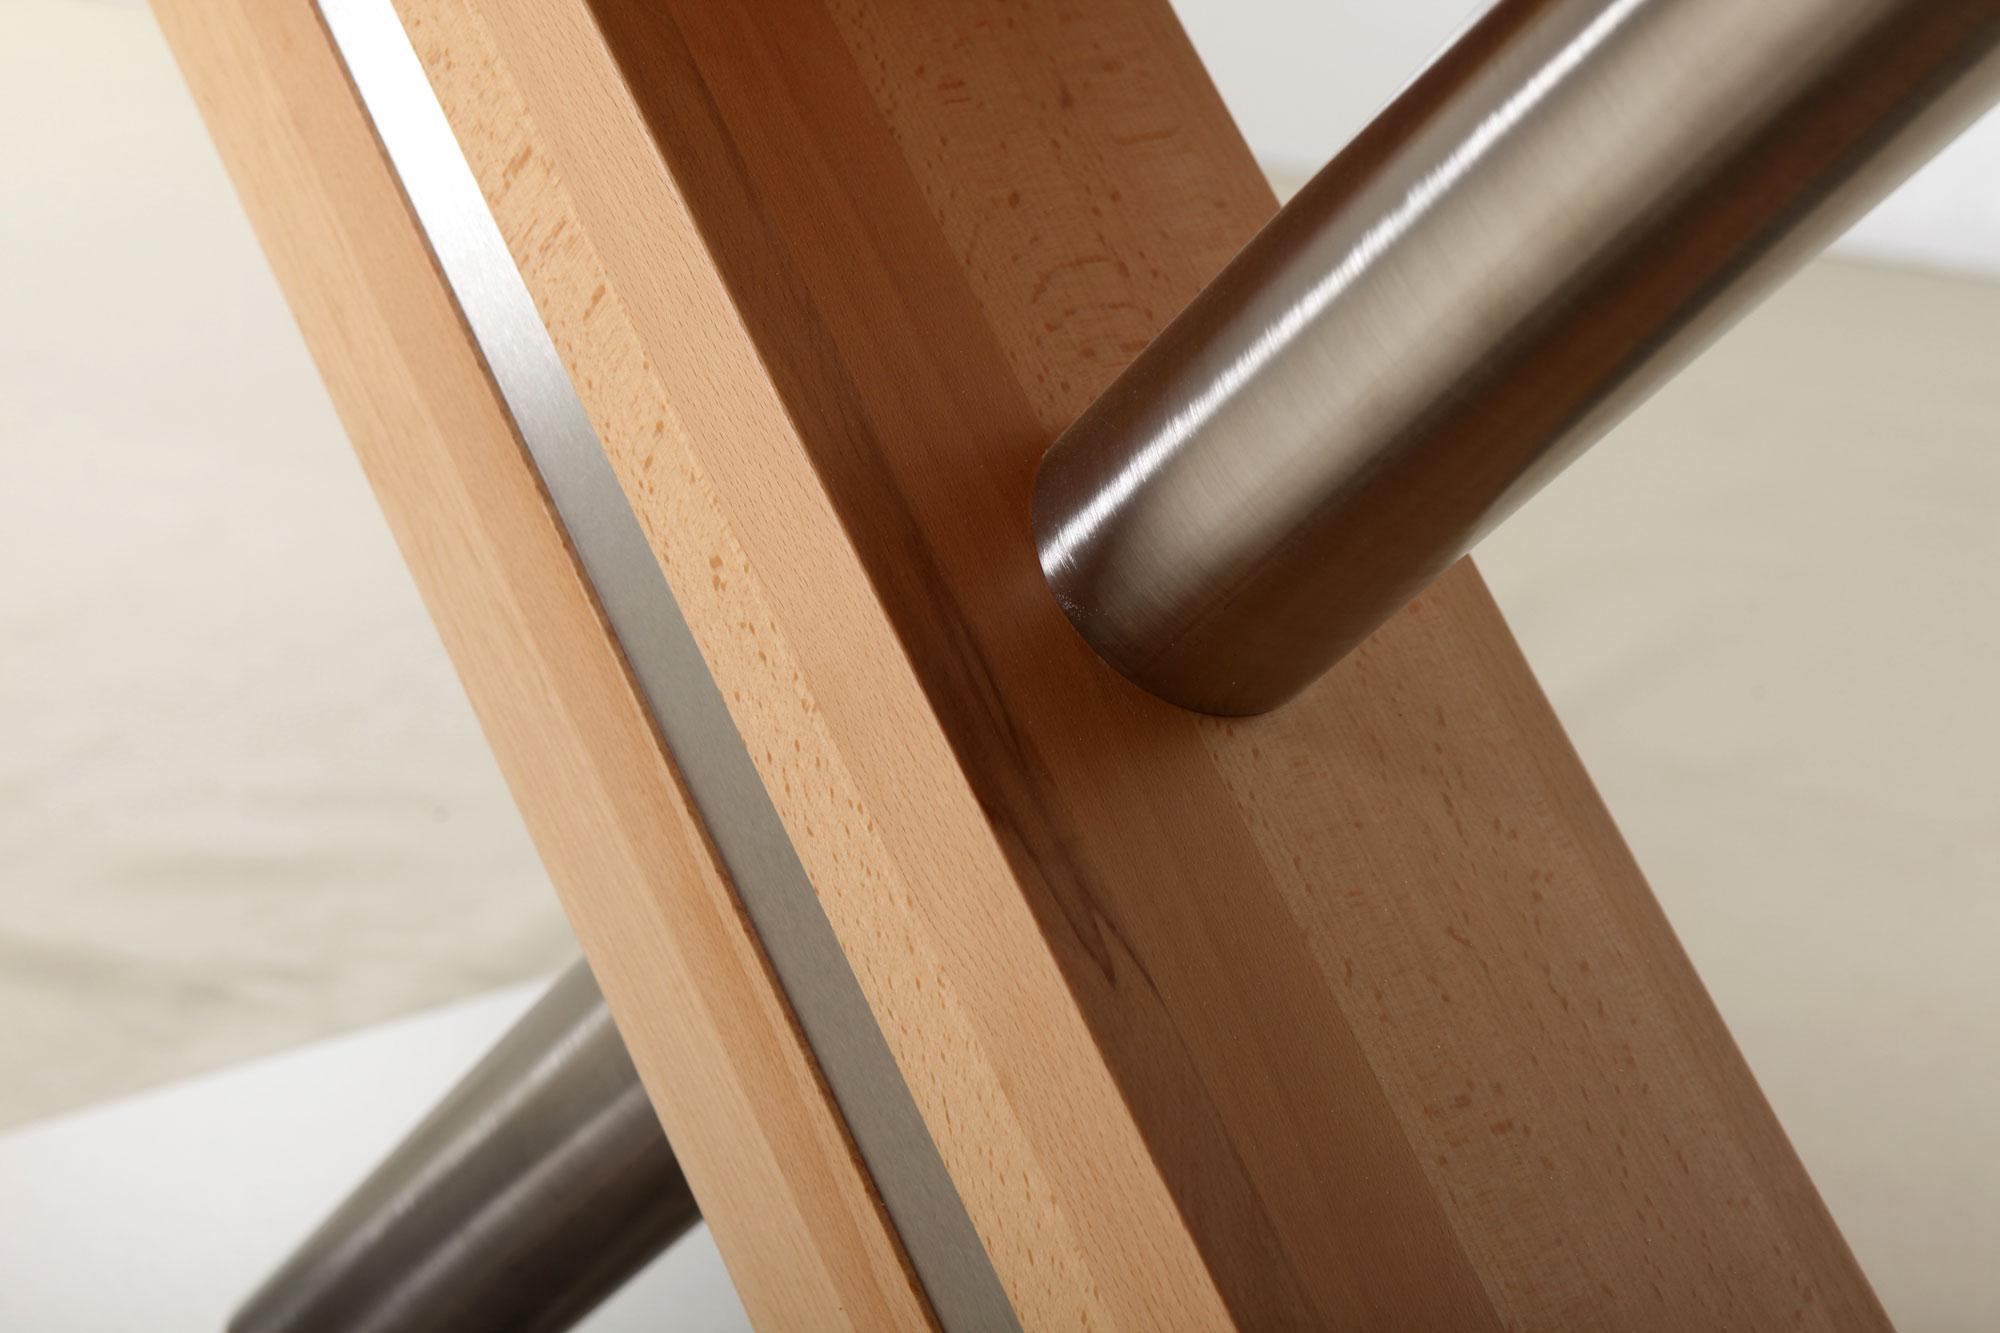 Standard Furniture Arte S Ausführung C